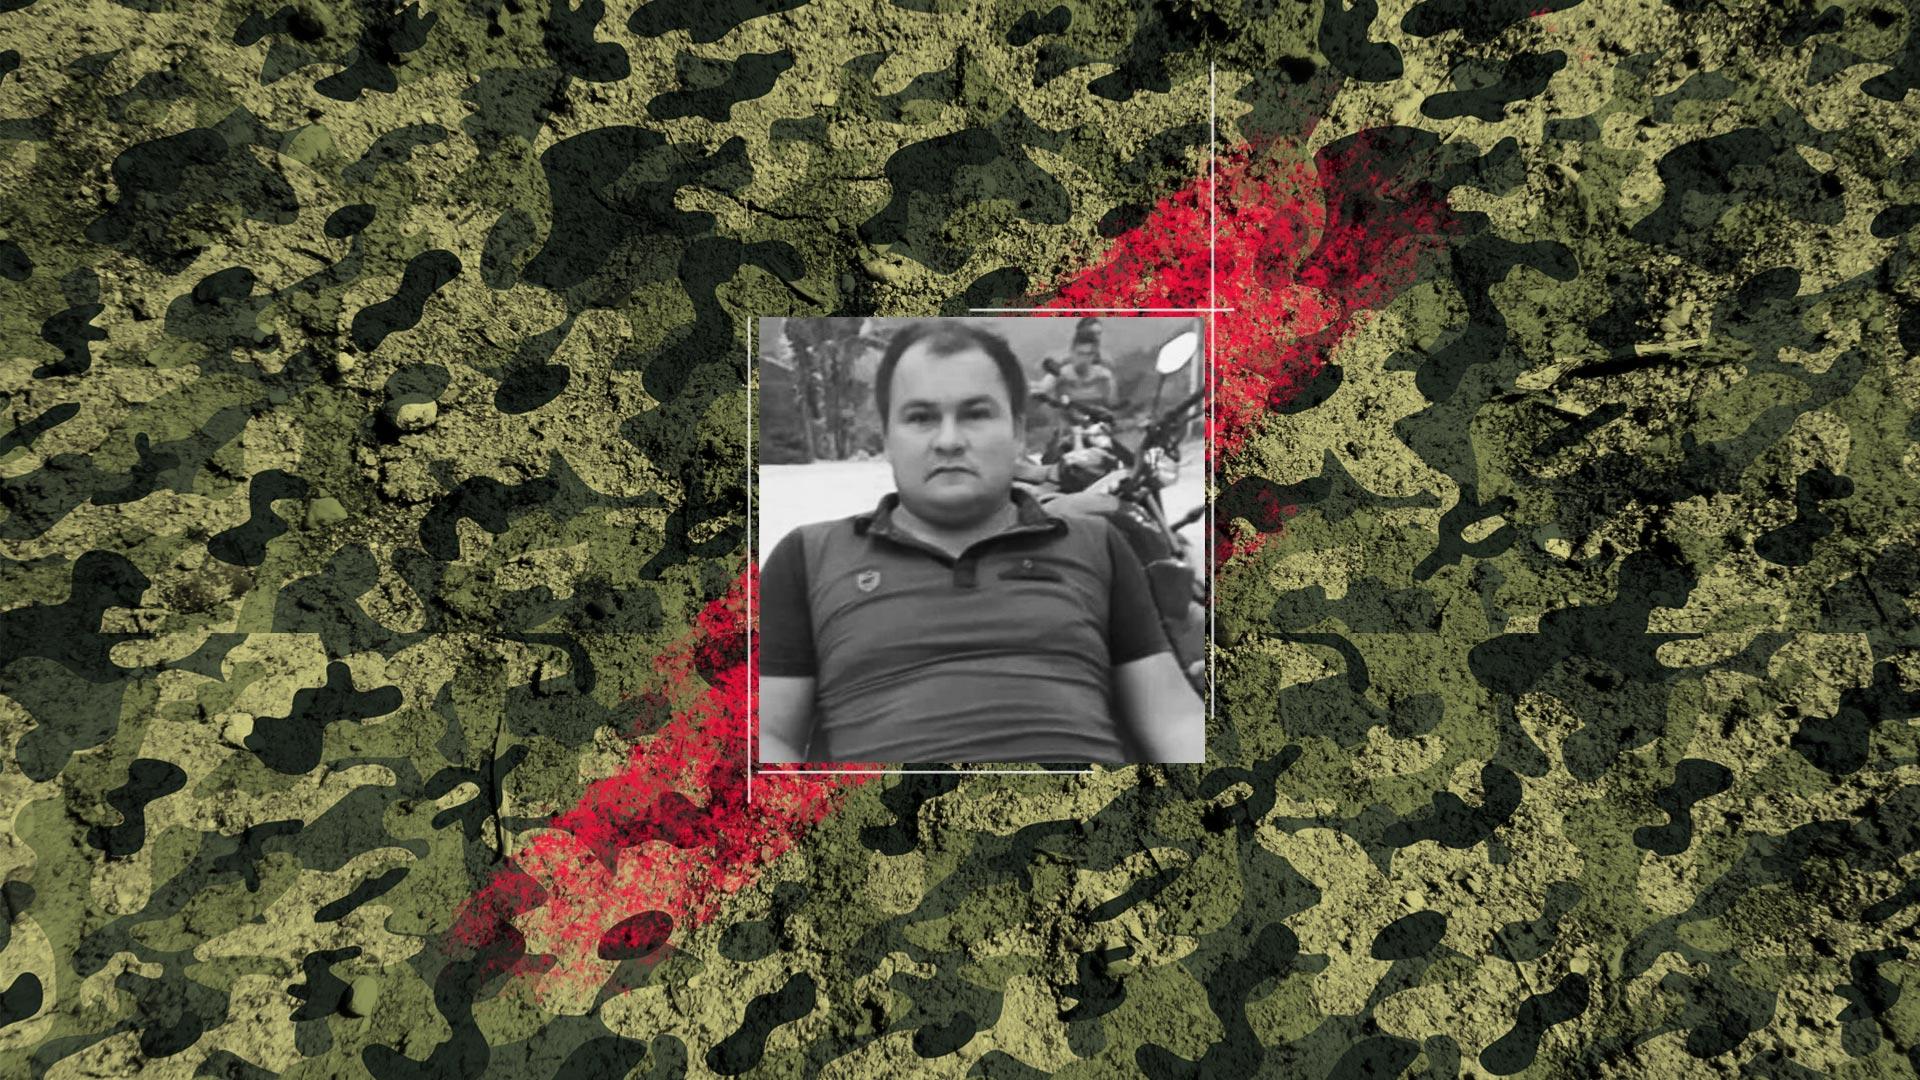 El asesinato de Dimar Torres sepulta la confianza con el Ejército en el Catatumbo